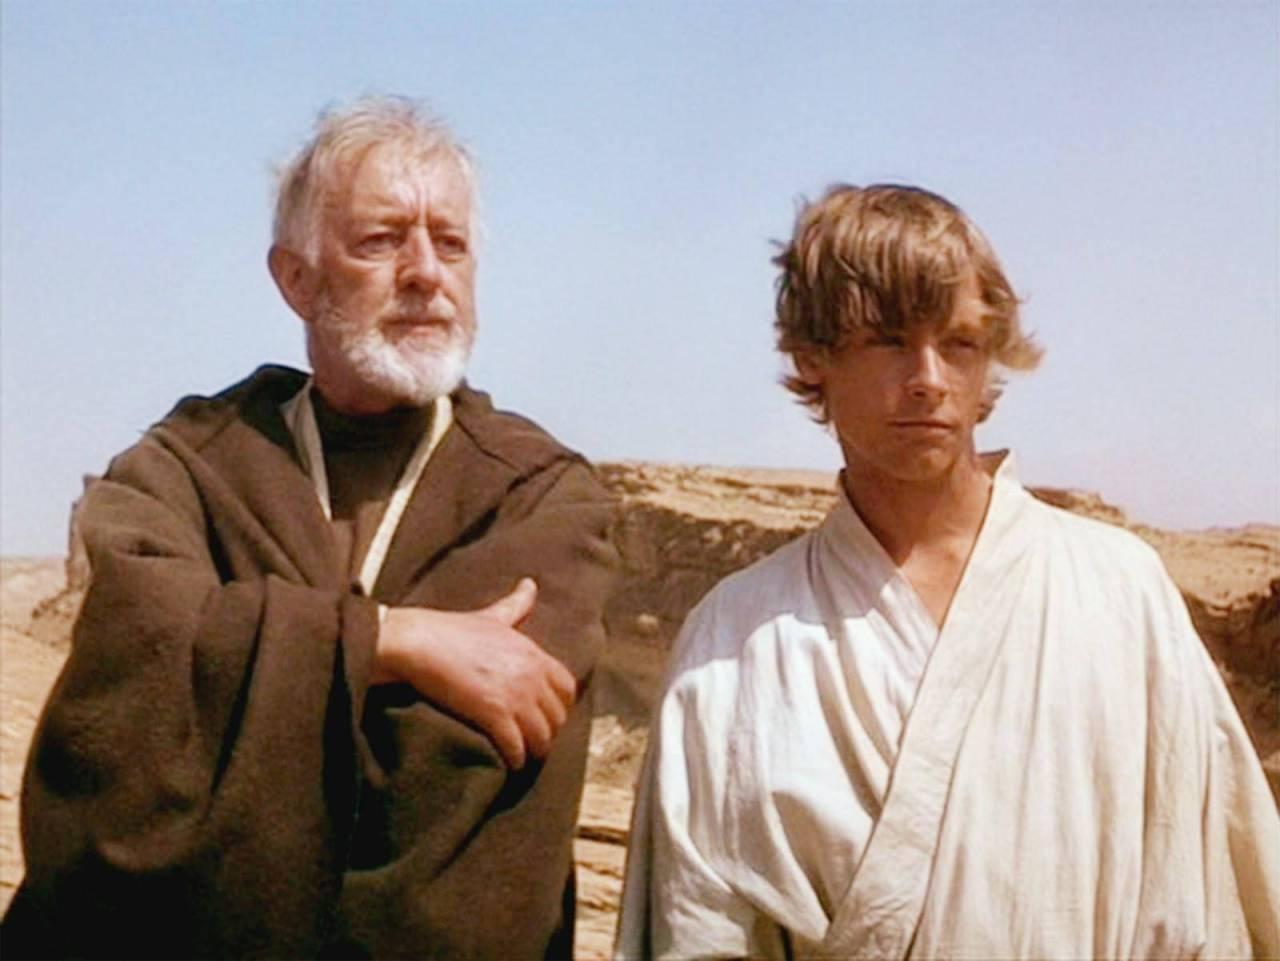 Obi Wan, Luke Skywalker